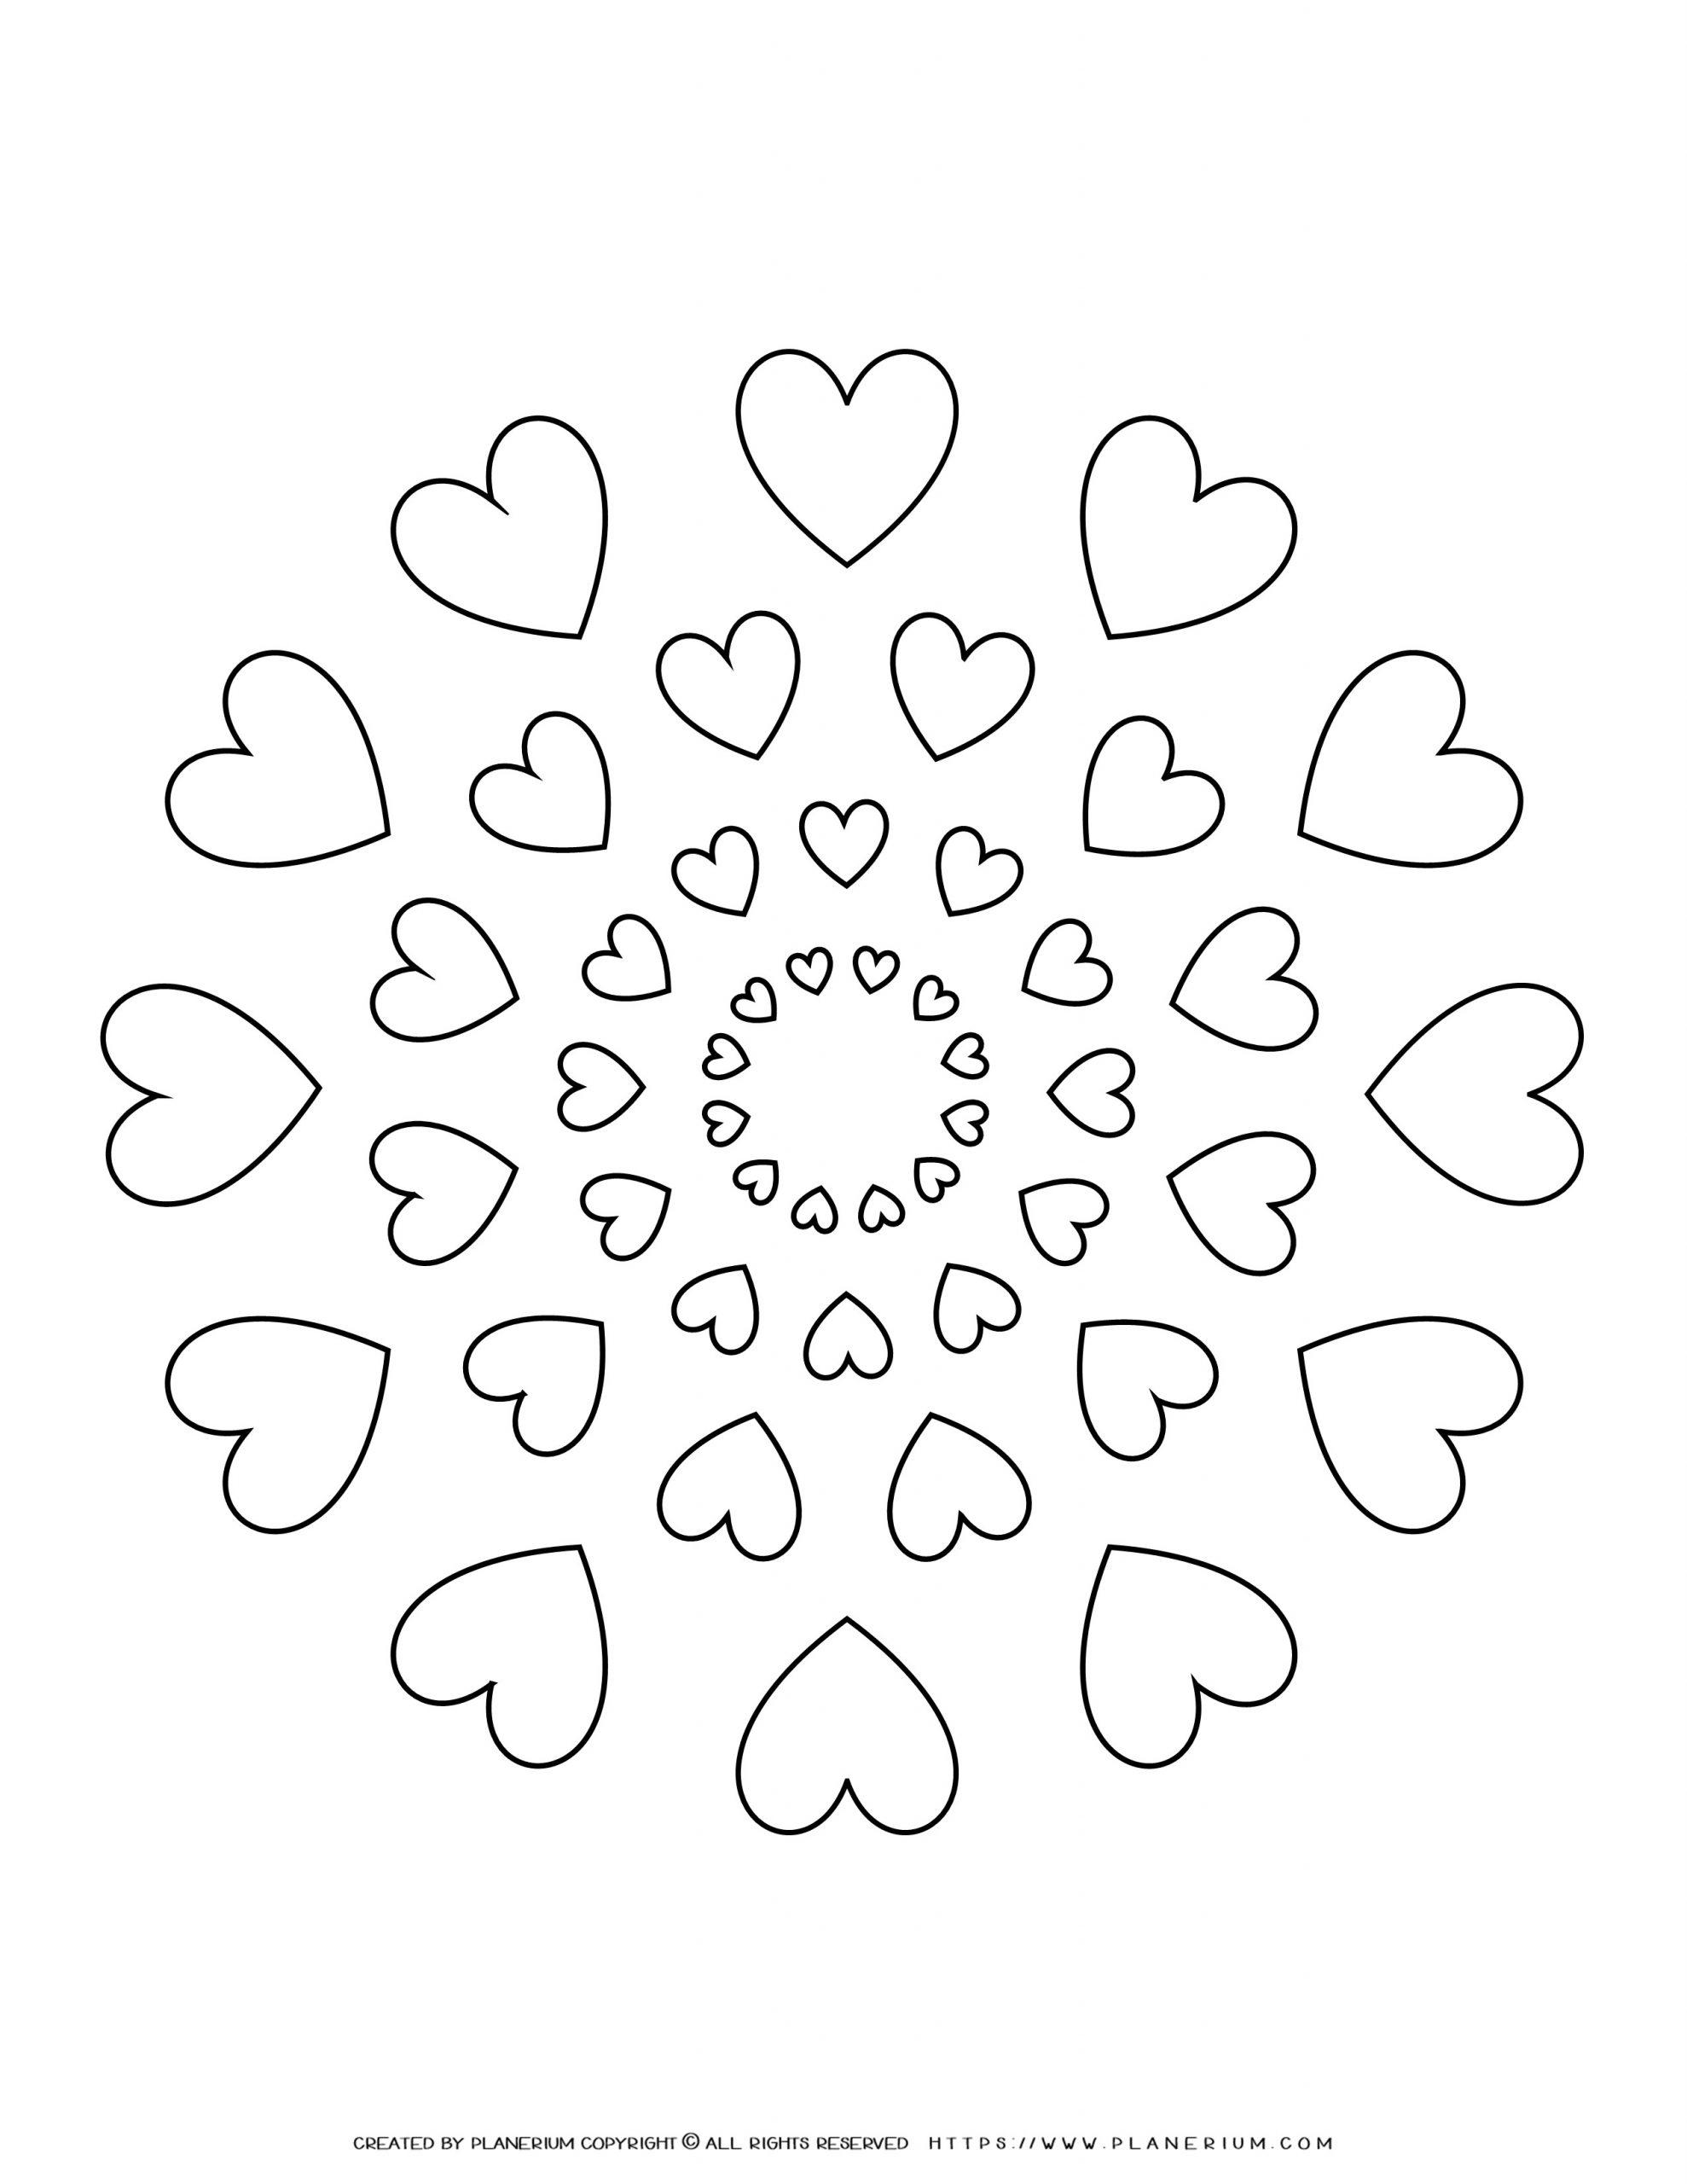 All Seasons - Coloring Page - Hearts Mandala